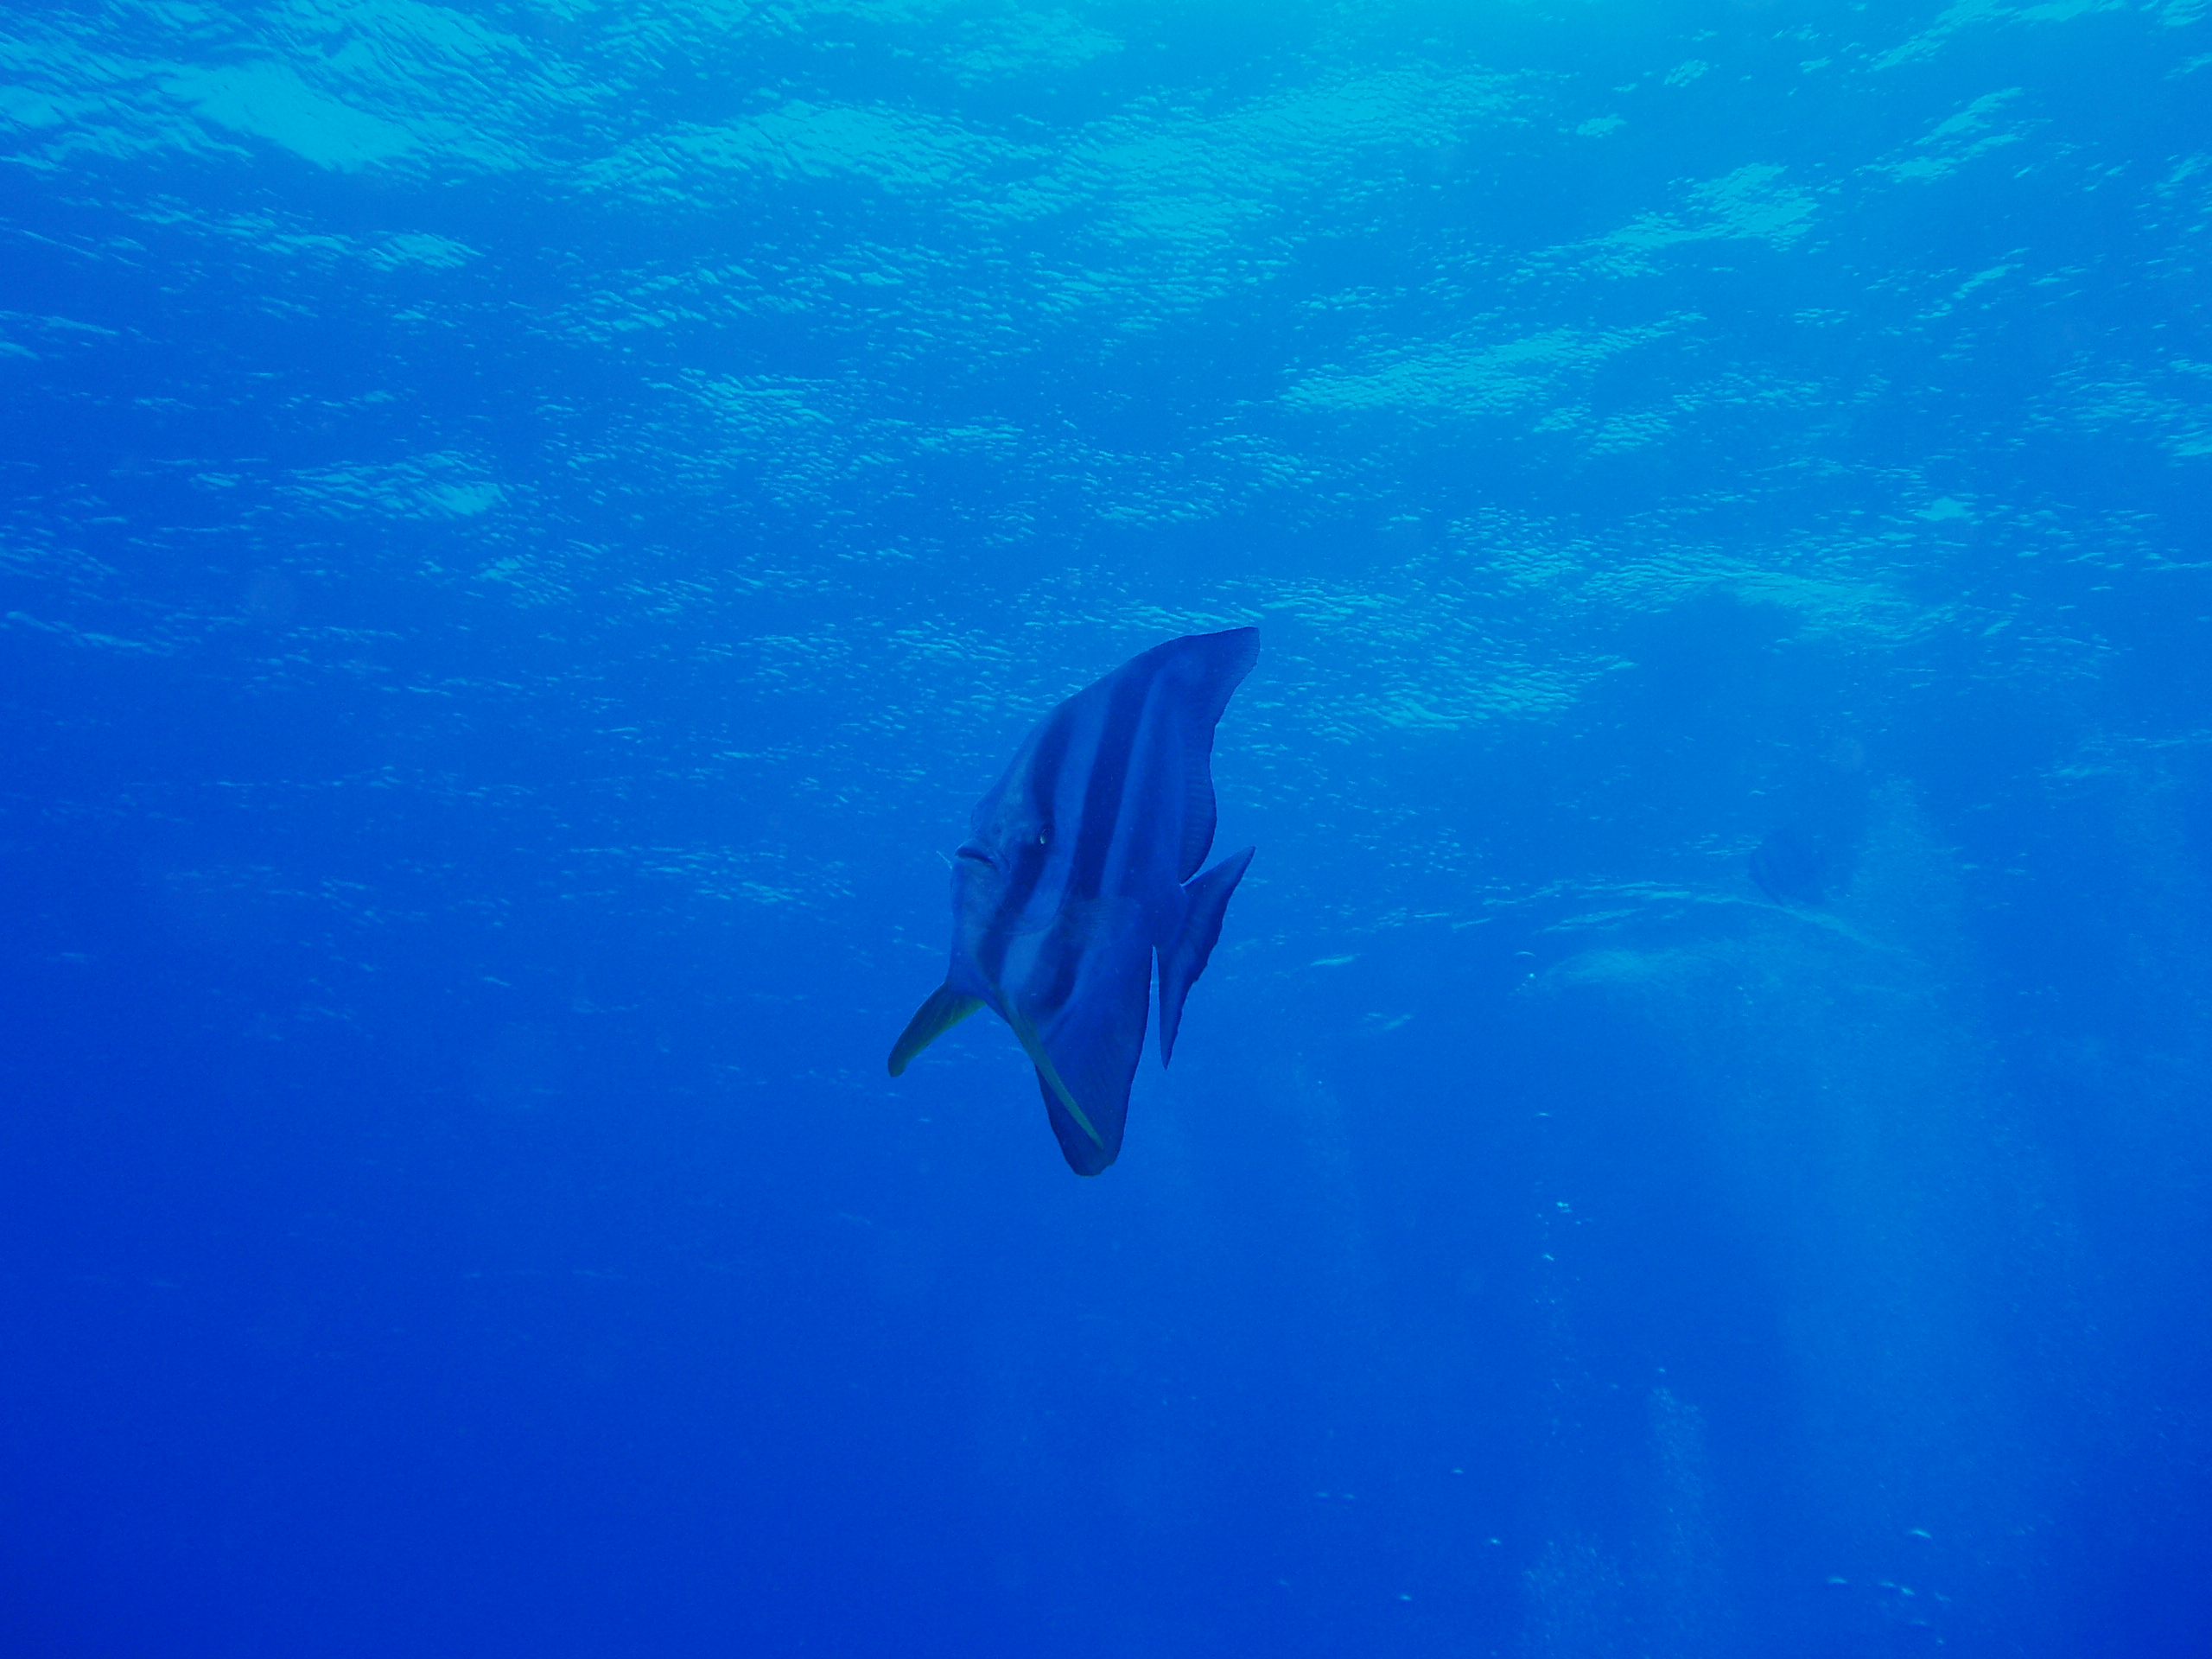 8月5日 ポイント1 安室漁礁 ポイント2 牛瀬 ポイント3 金瀬 水温28℃ 透明度30m